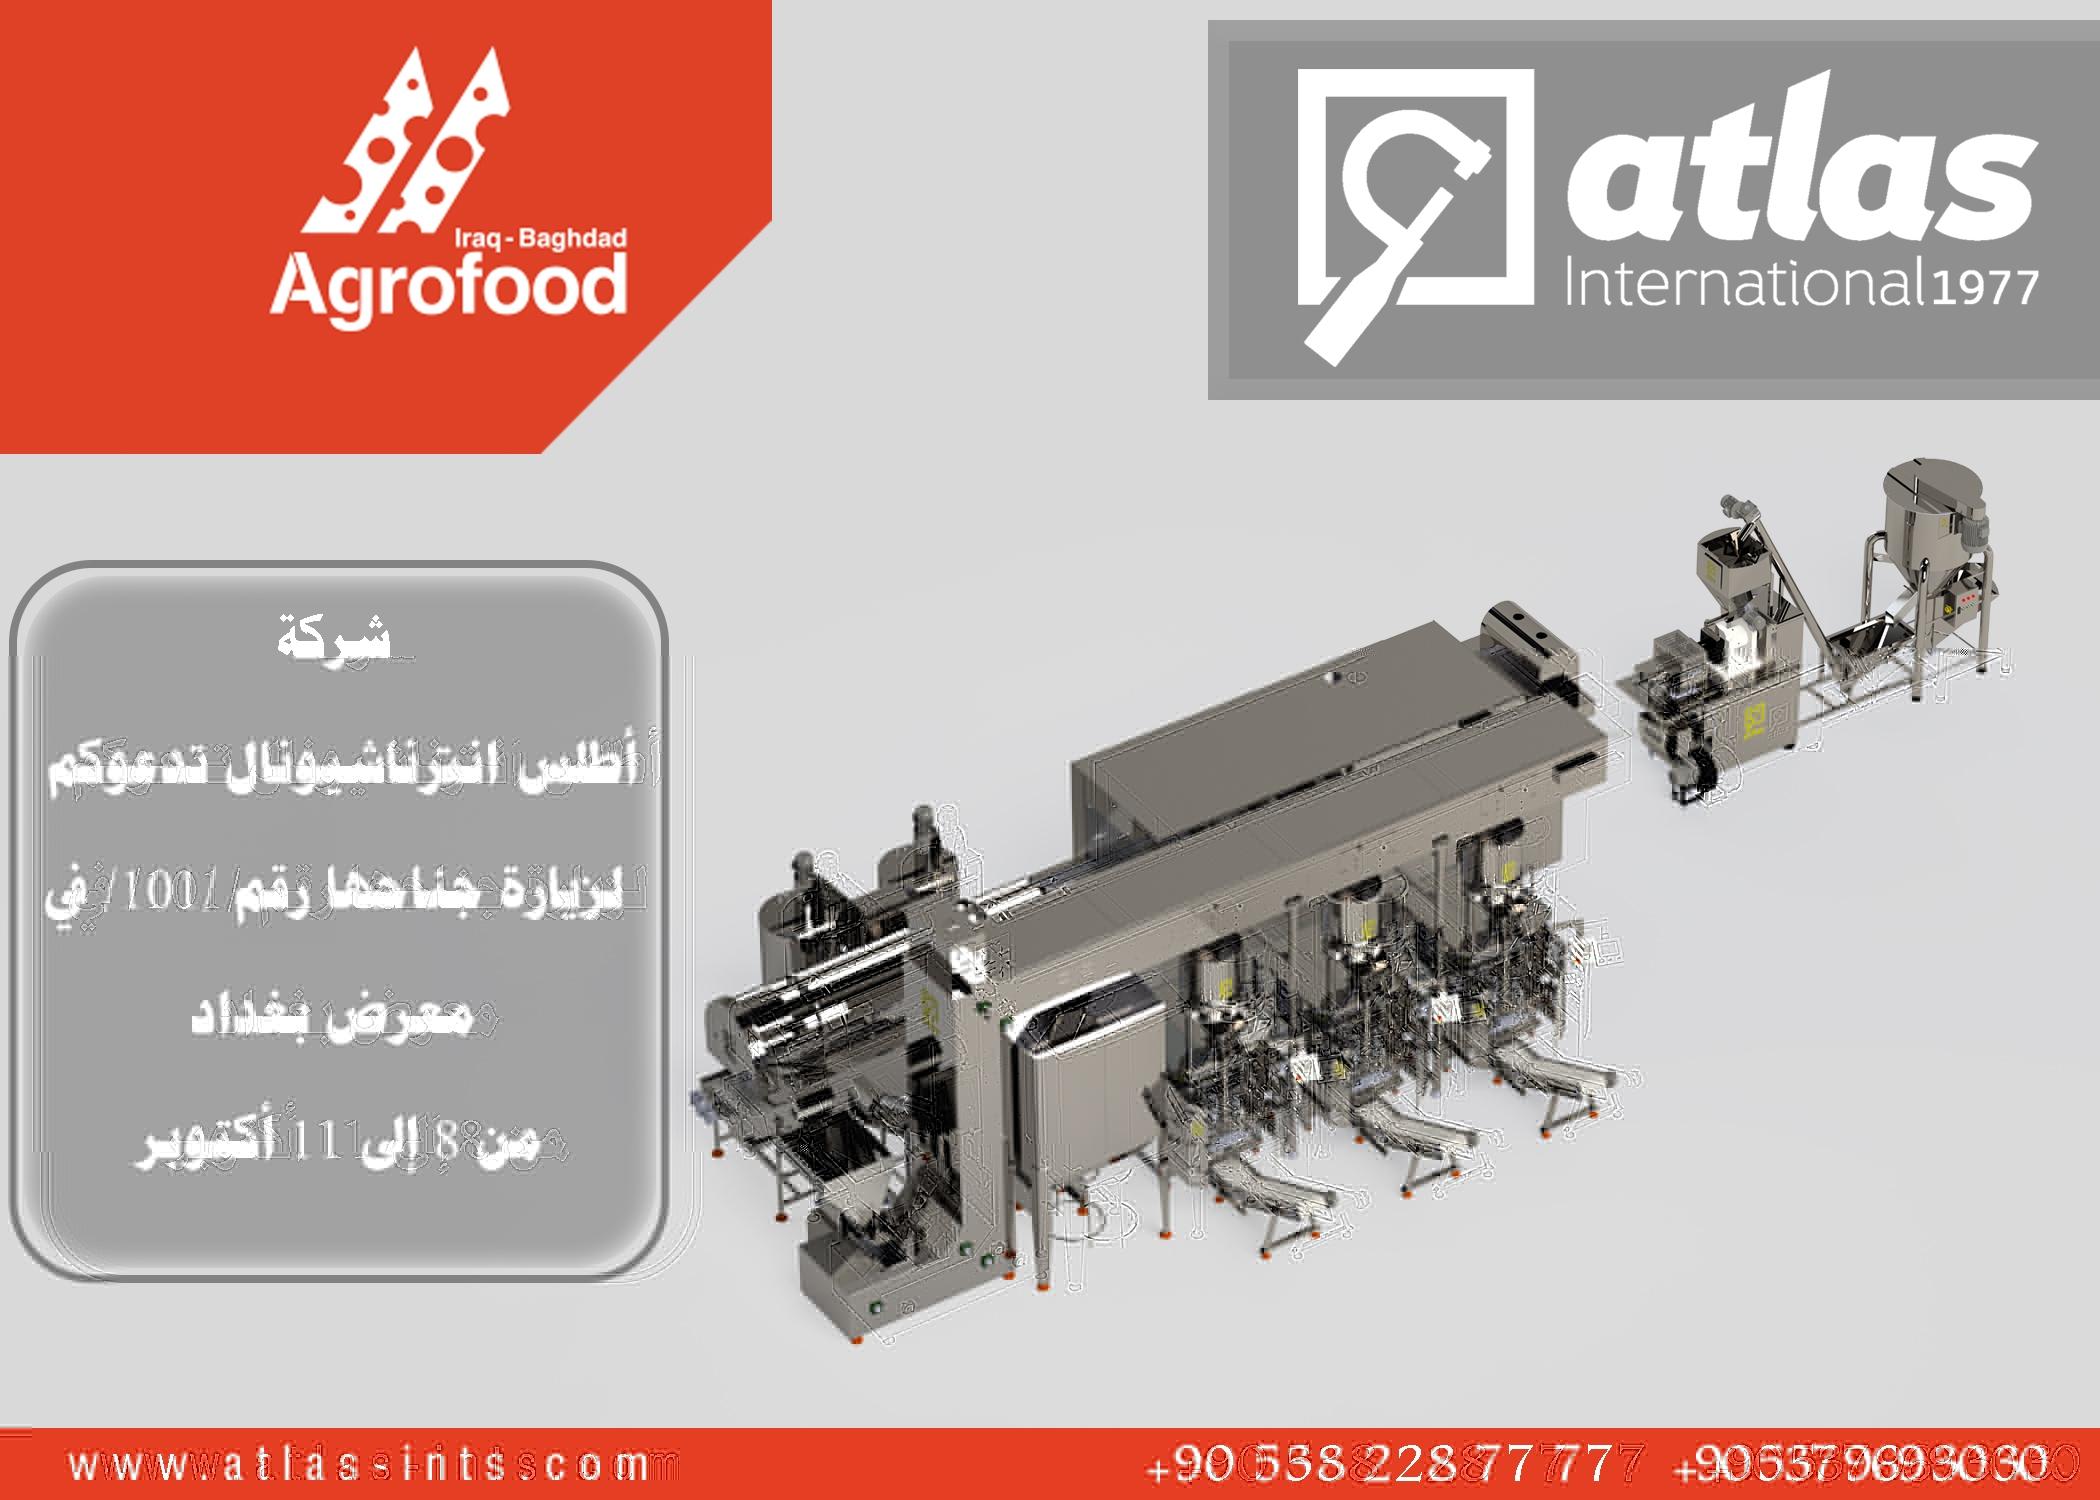 معرض AgroFood العراق - بغداد